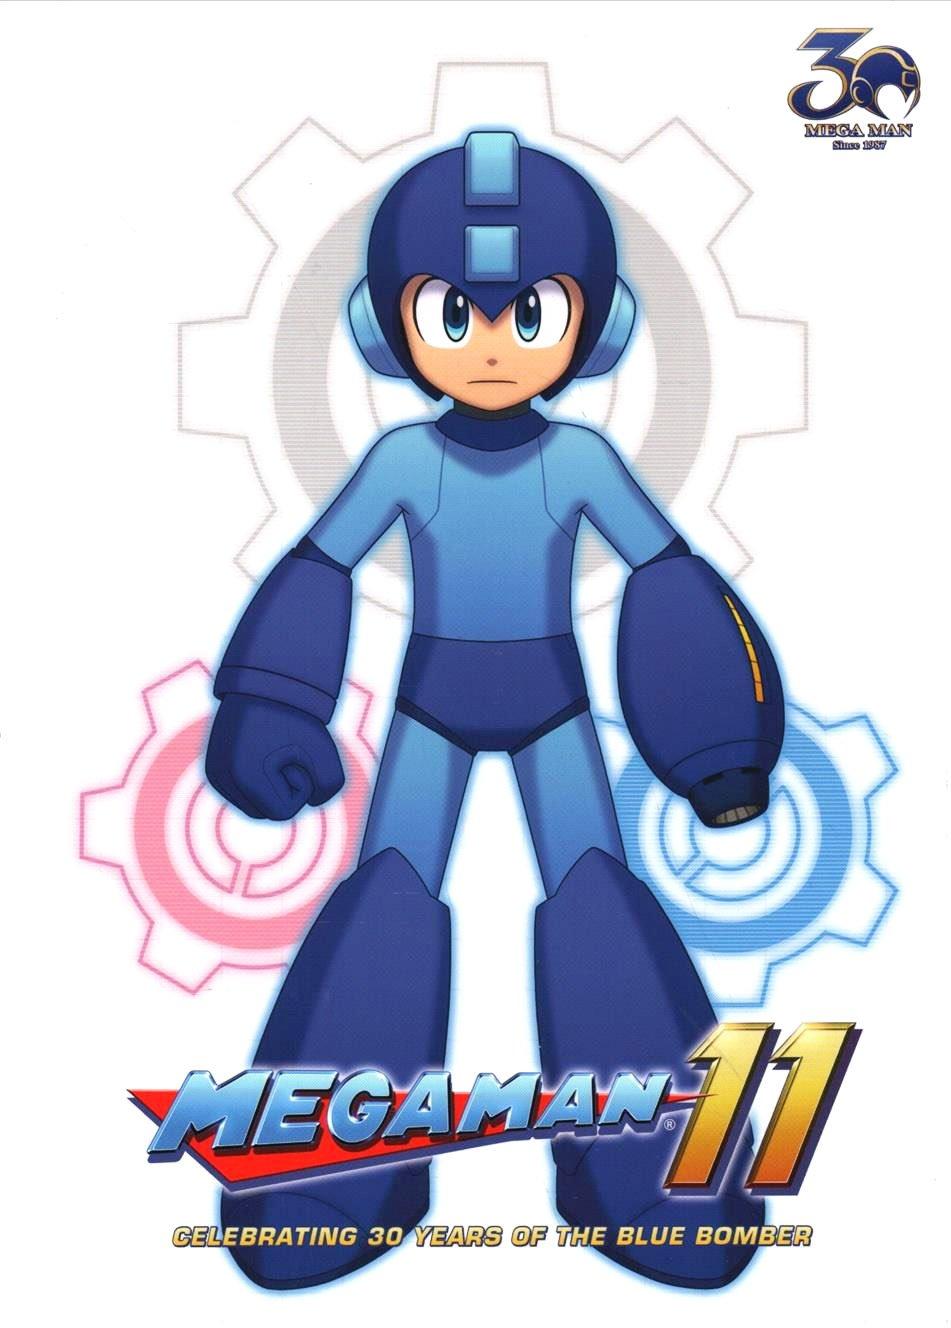 Mega Man 11 - Celebrating 30 Years of the Blue Bomber